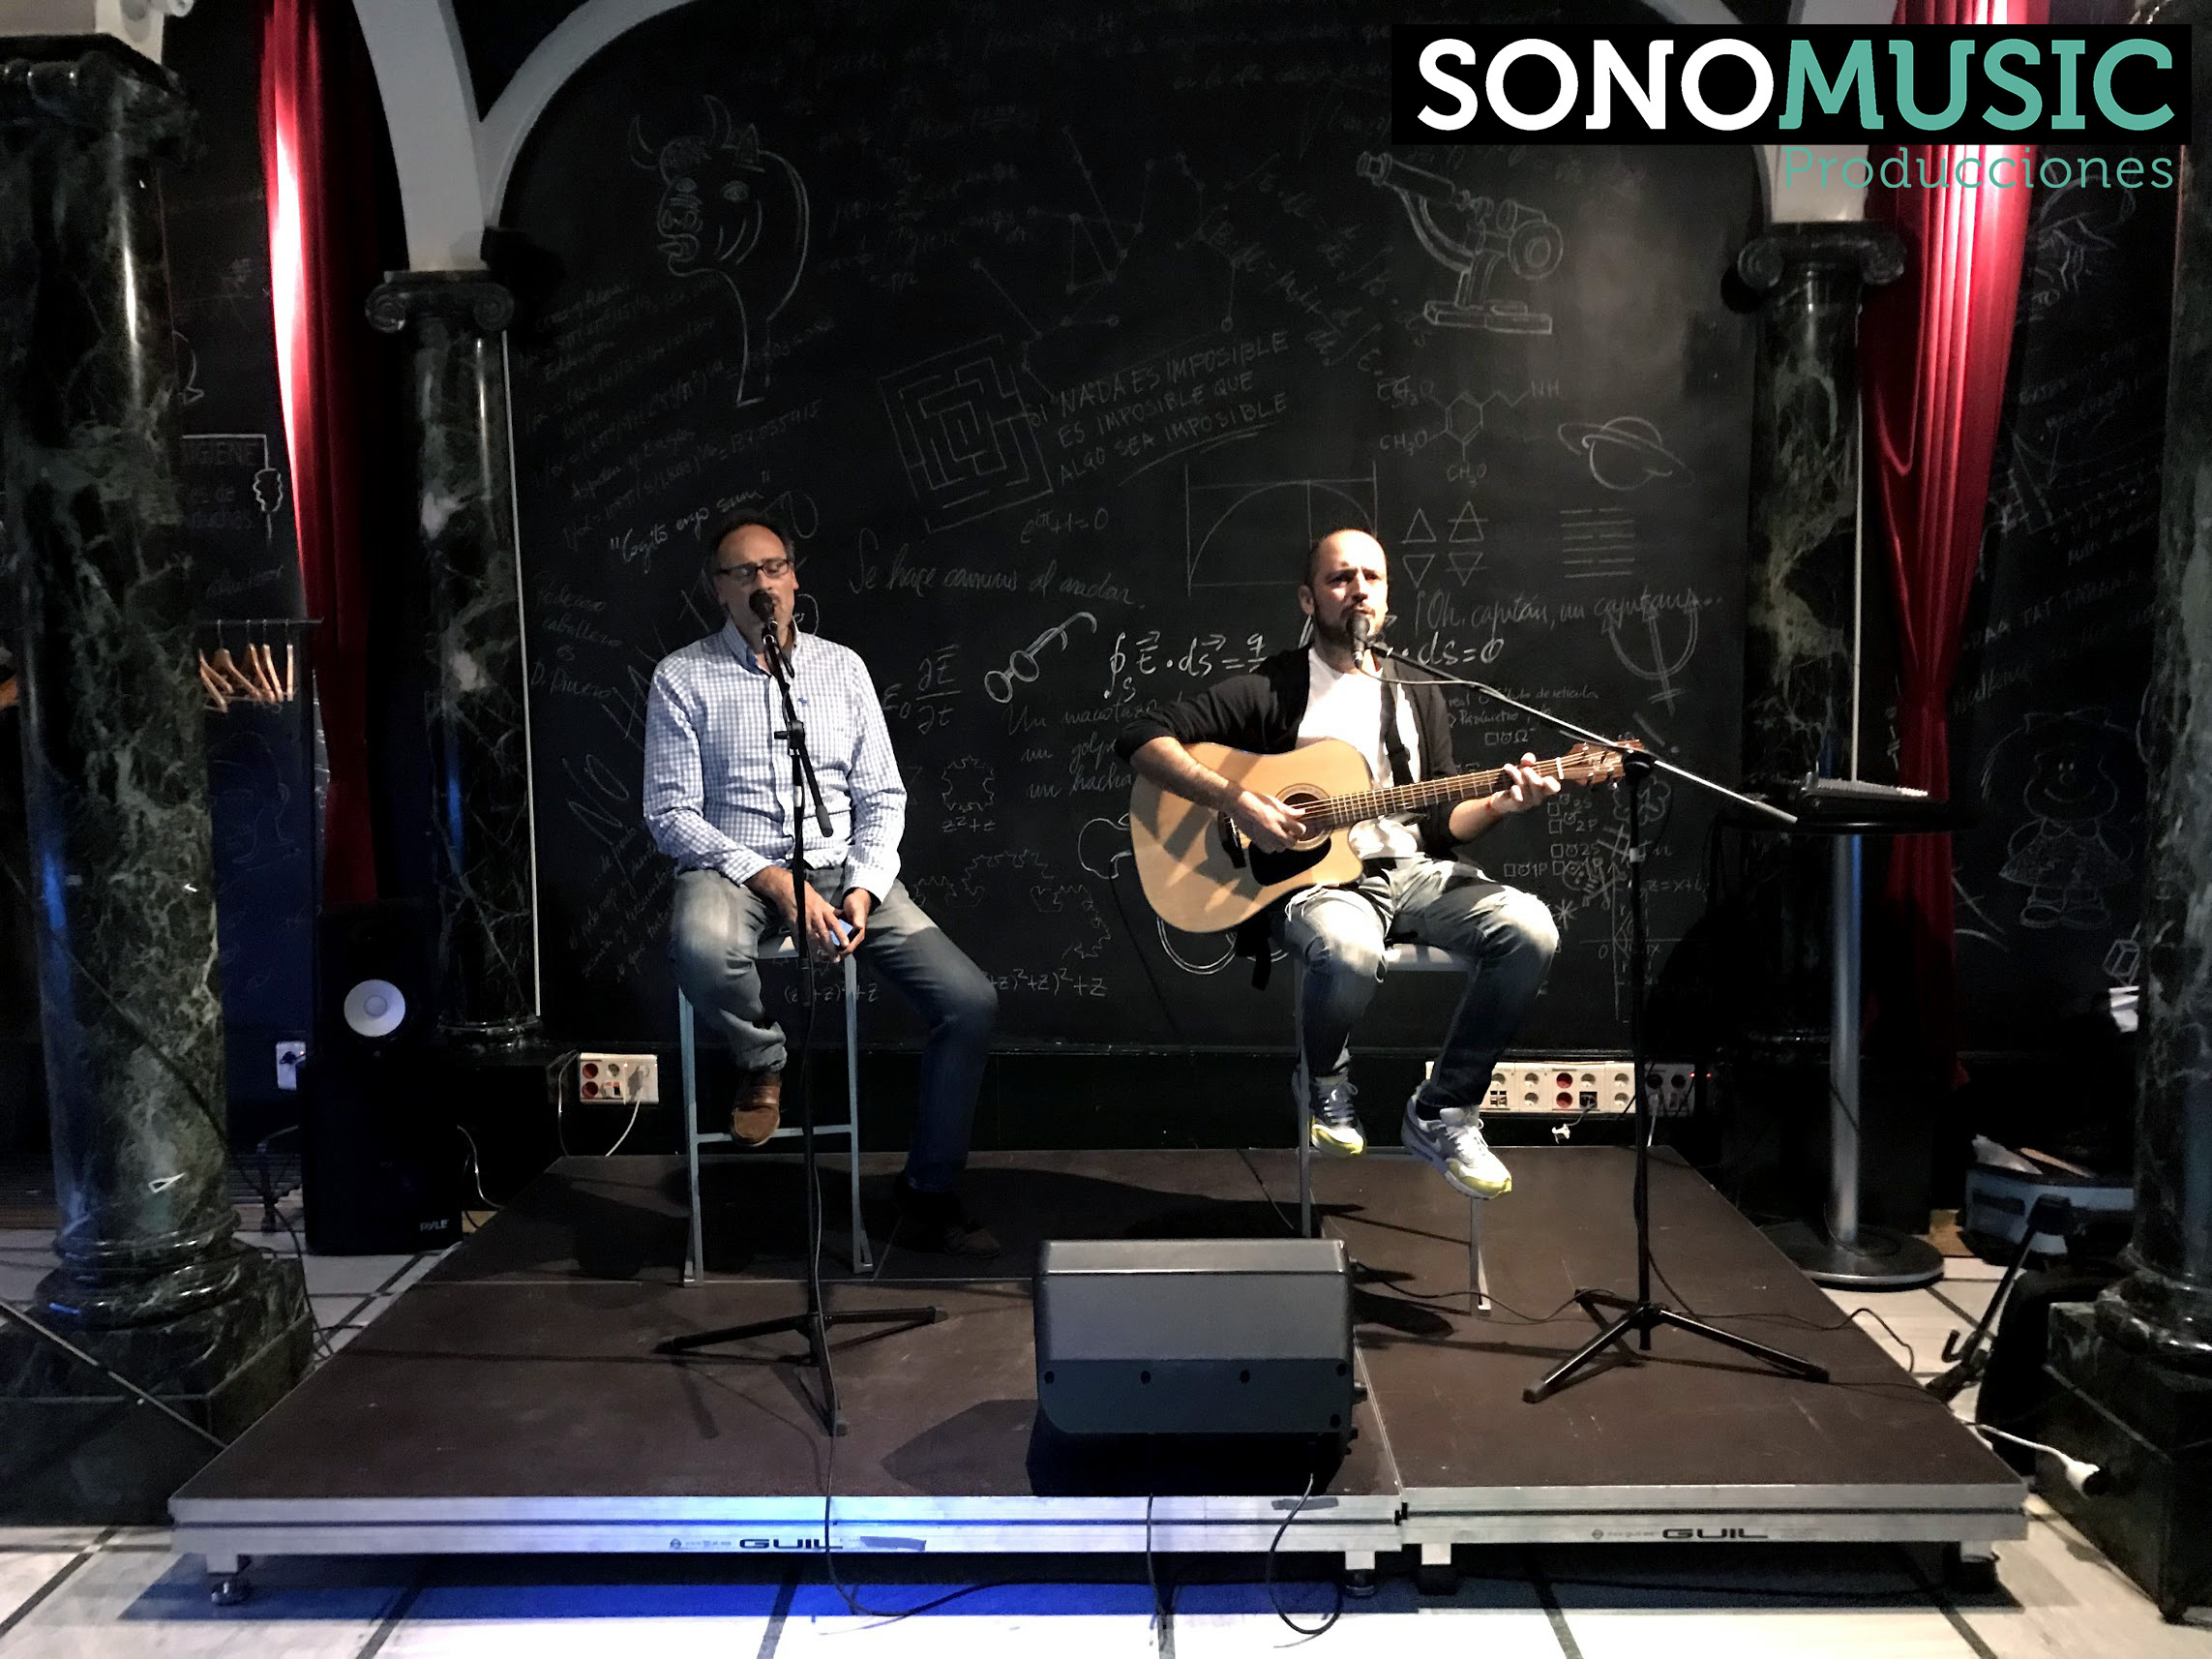 Presentación musical - Madrid